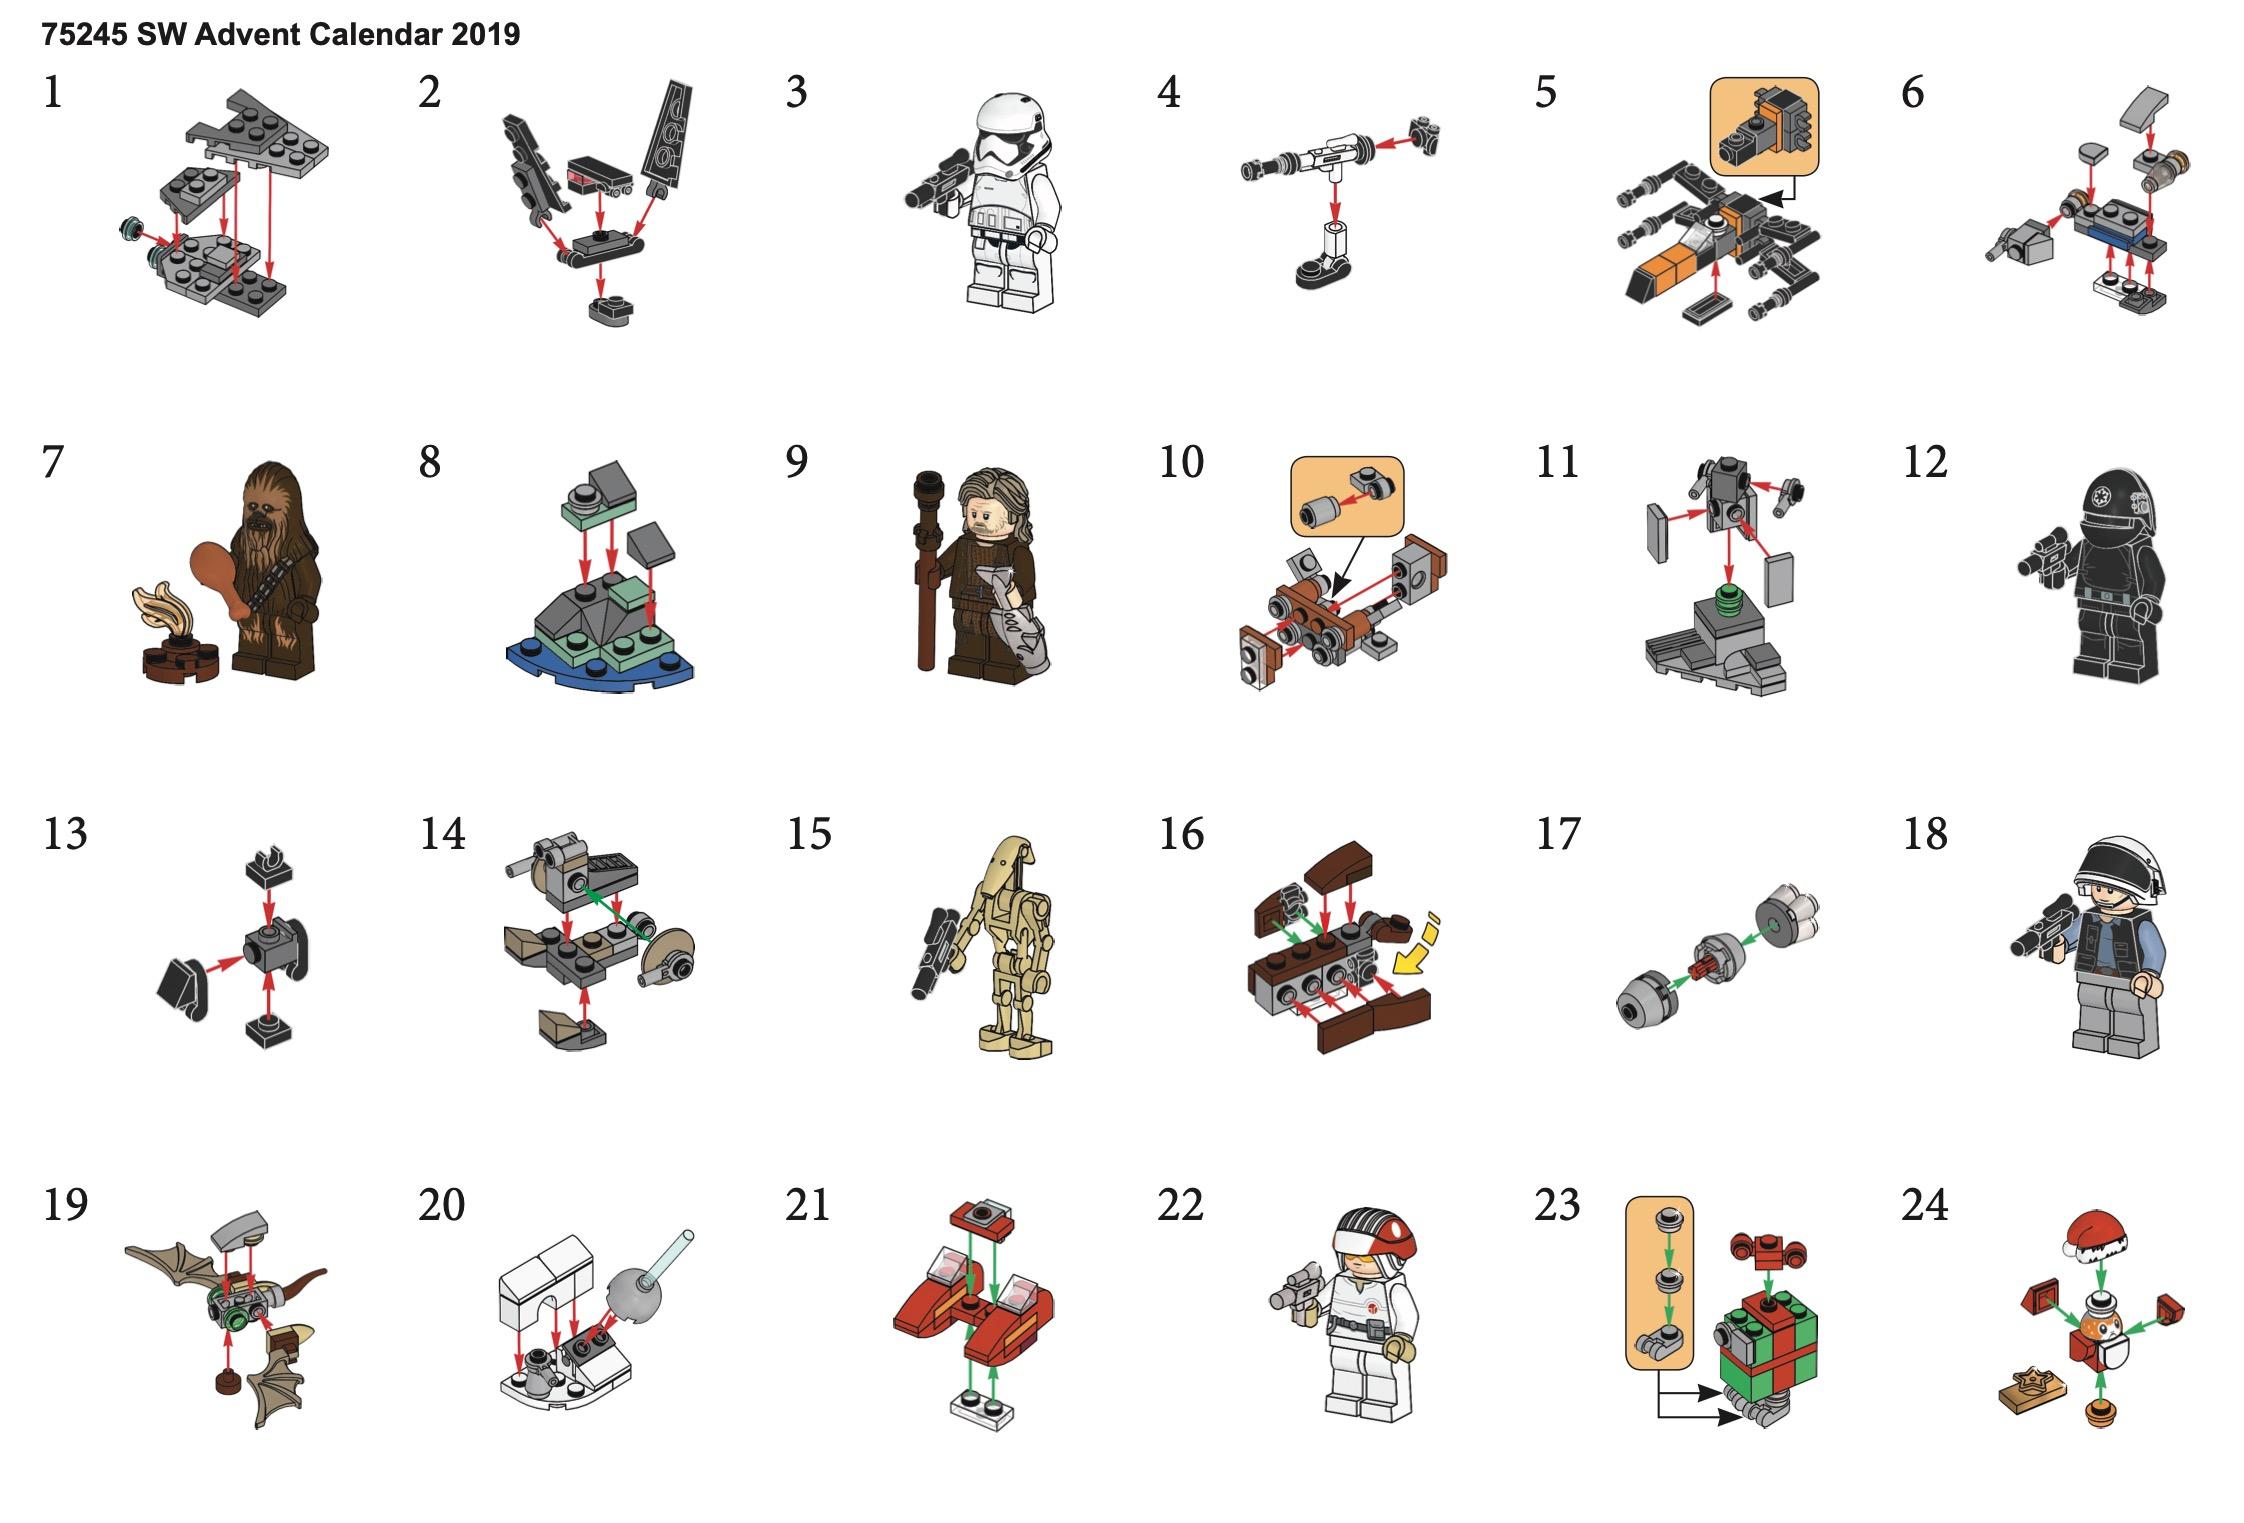 Baukästen & Konstruktion Lego Star Wars Advent Calendar in Lego Star Wars Advent Calendar Instructions